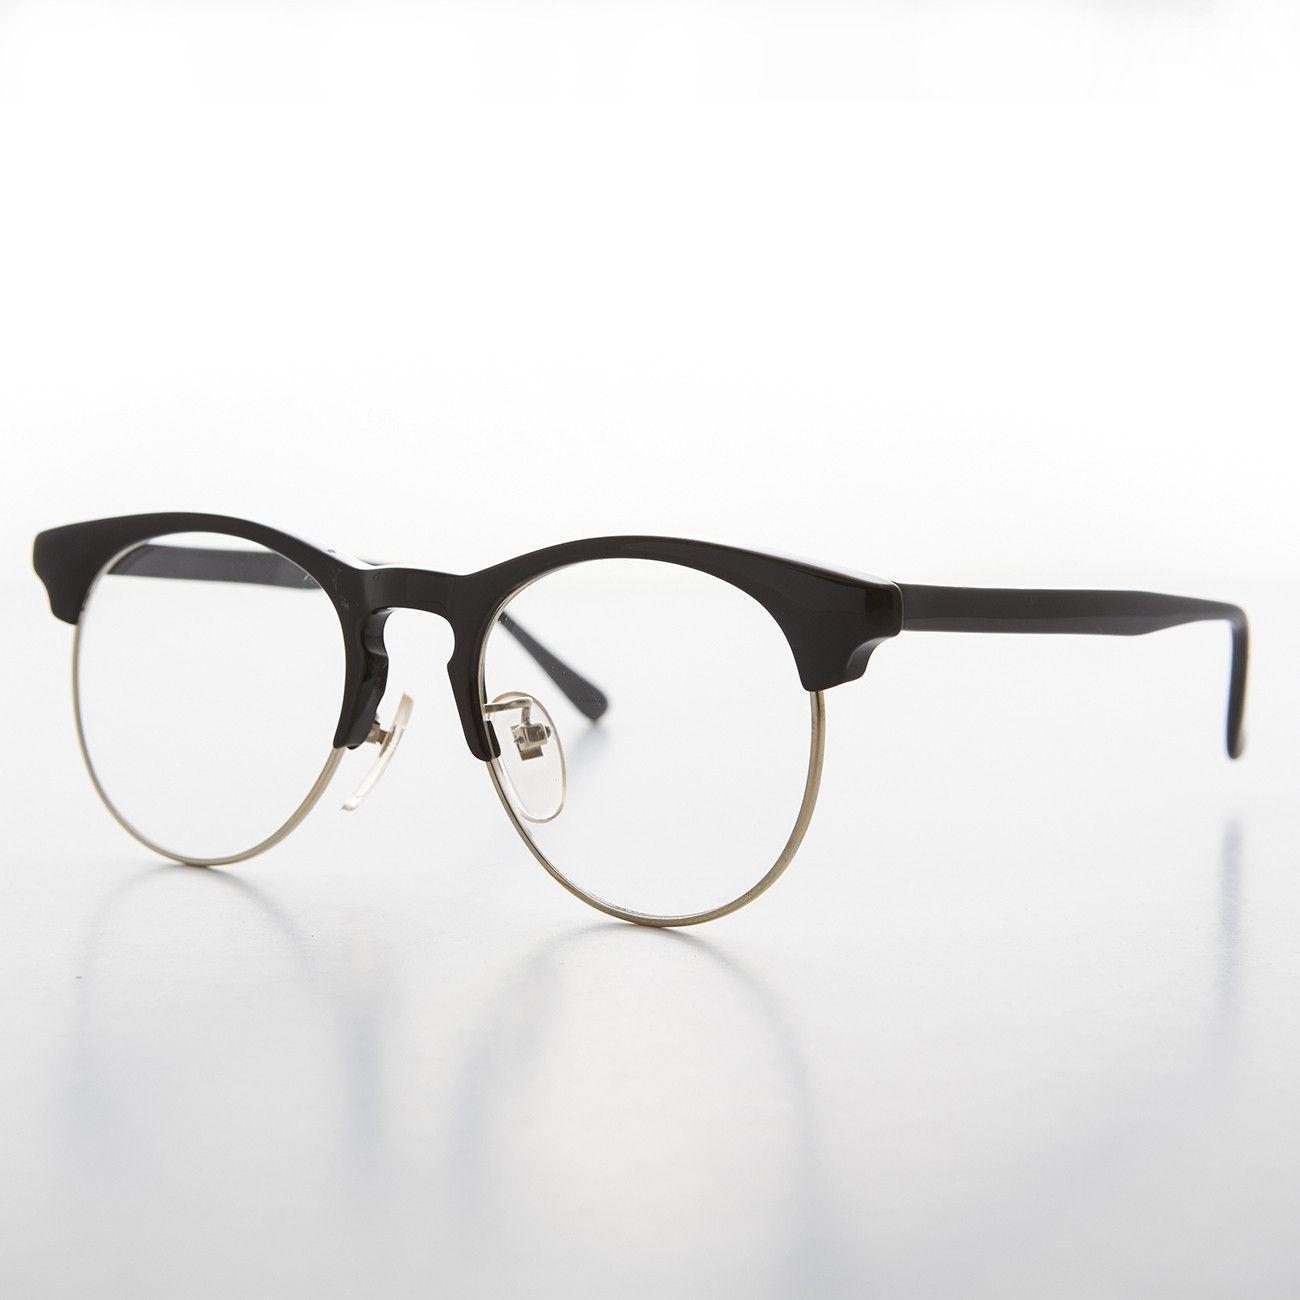 black horn rim clear lens vintage glasses